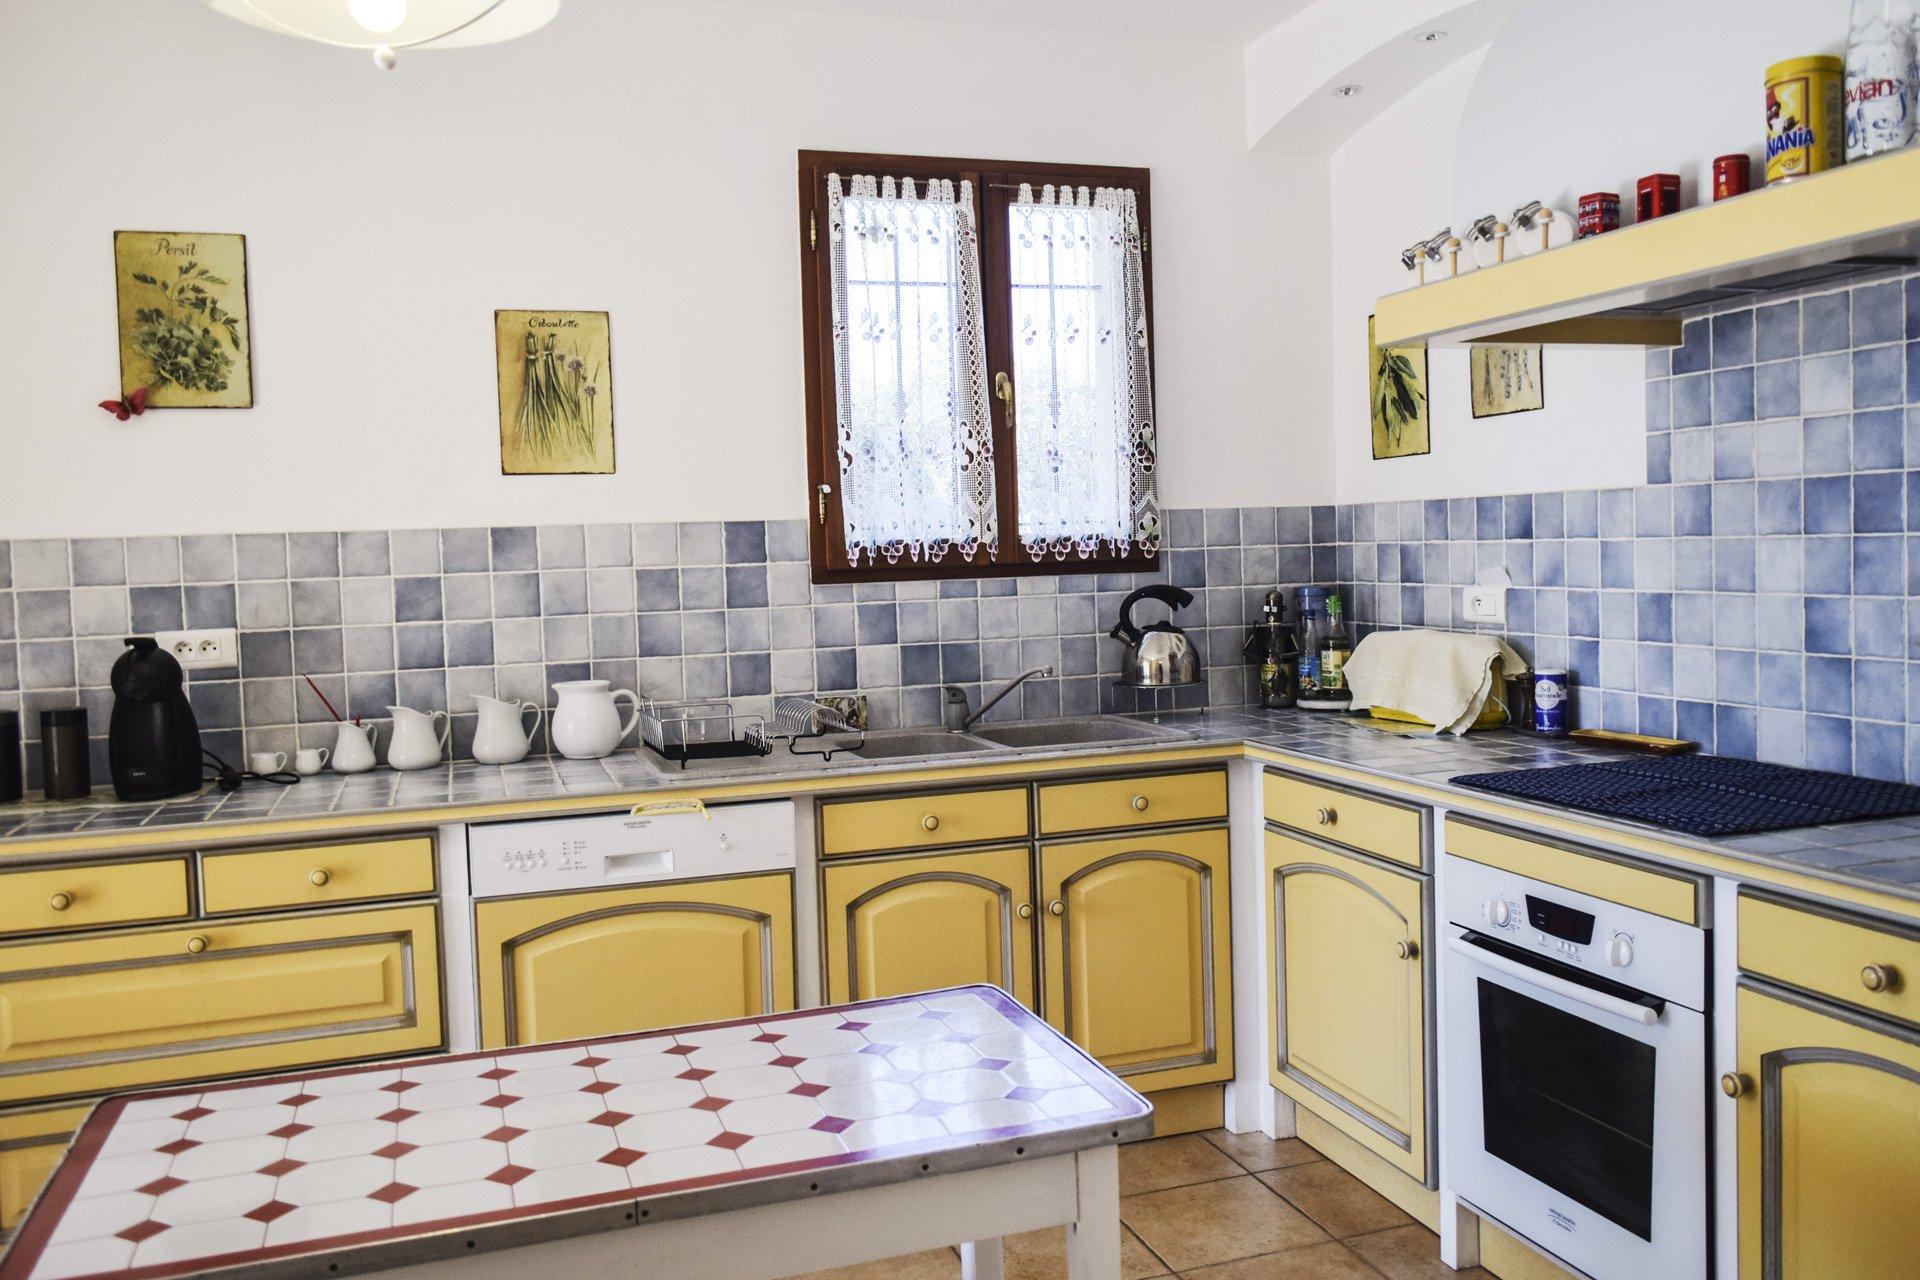 cuisine de la villa récente 5 chambres, piscine, appartement indépendant, moissac bellevue, var provence